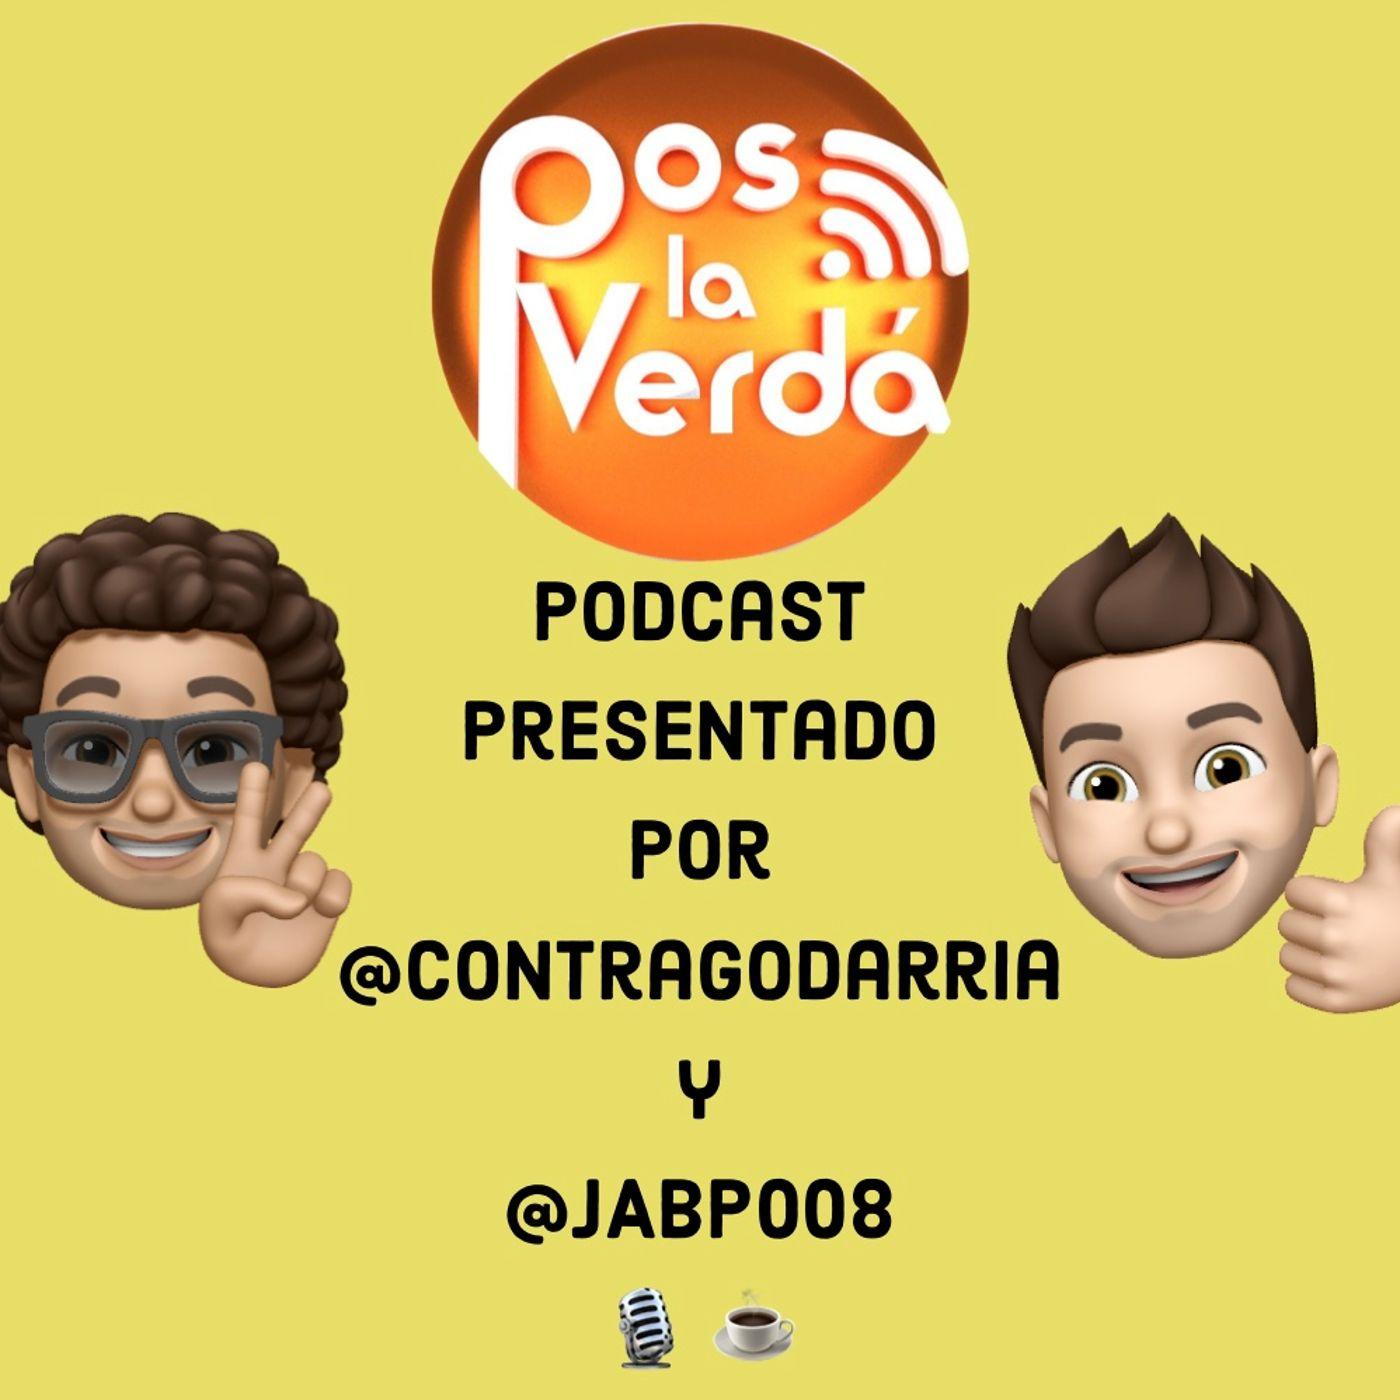 #PosLaVerda 19 de Octubre, un Cafe con @ContraGodarria y @JABP008